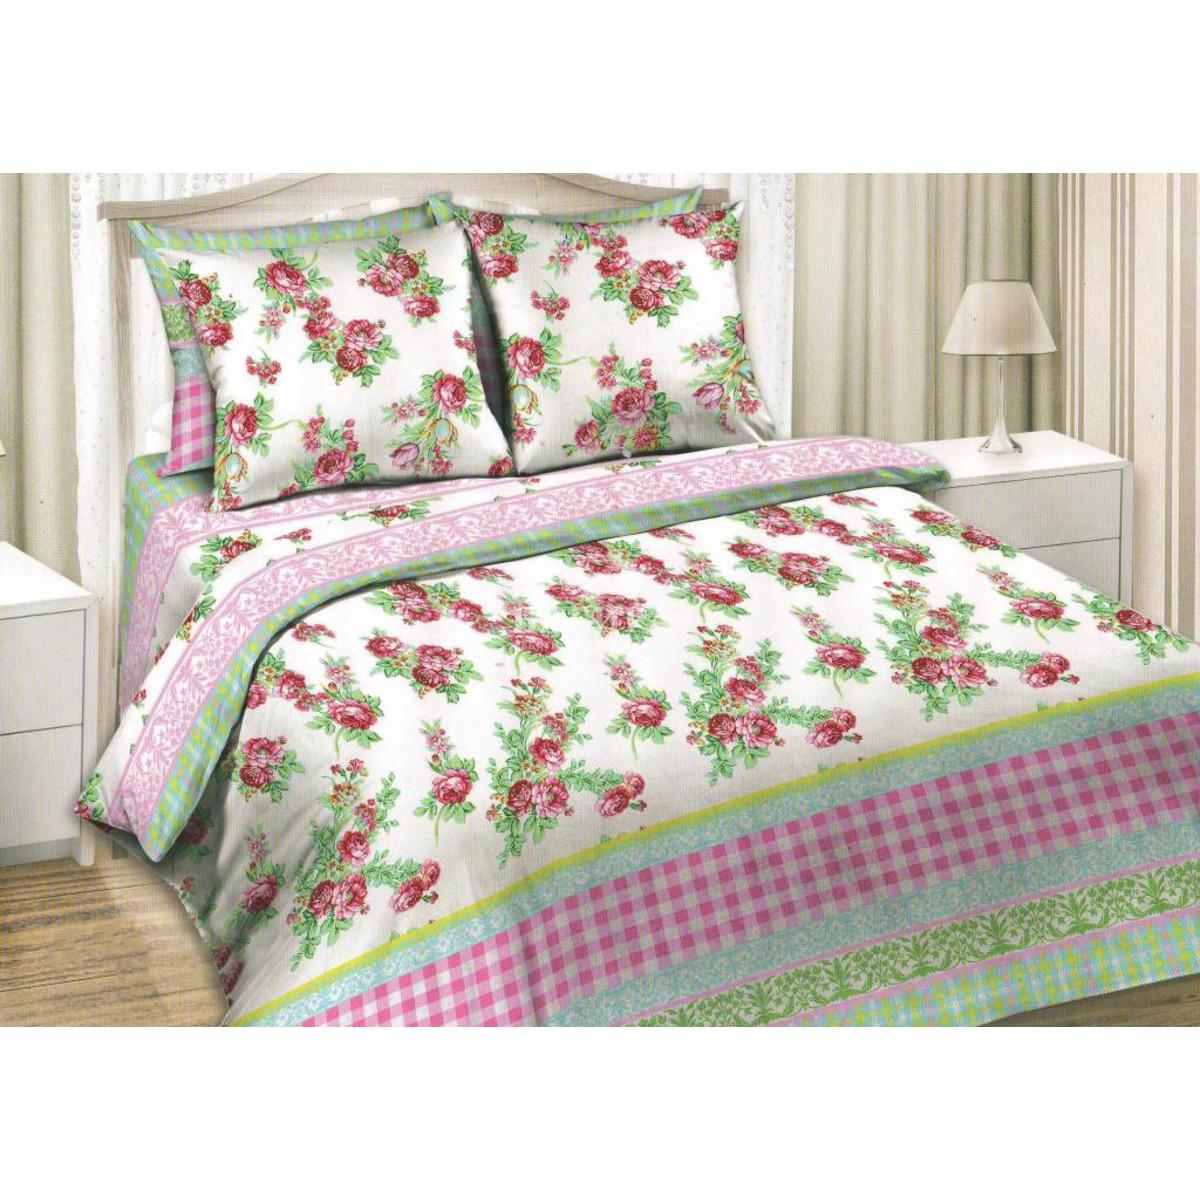 Комлплект постельного белья евро «Весенний сад» бязь